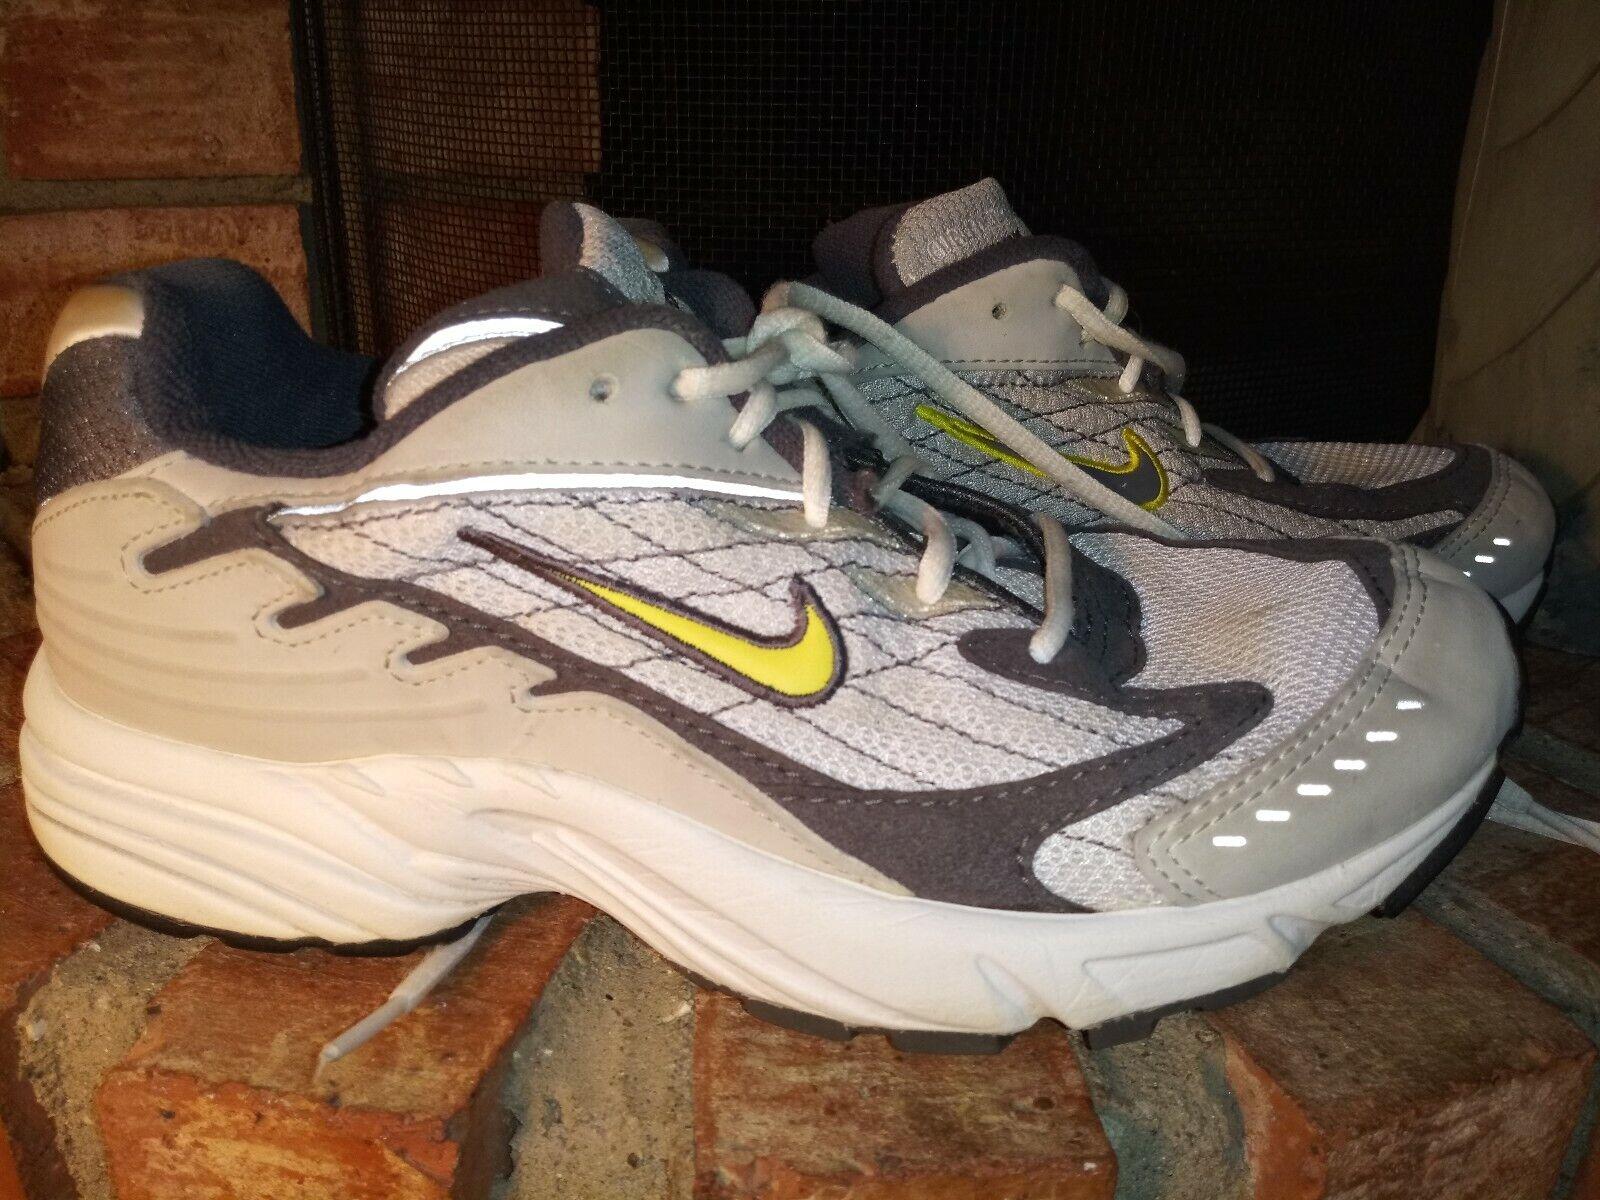 ... nike air althea triade scarpe femminili usati guc guc guc facendo  jogging atletico dimensioni 7 9b4f1d93893